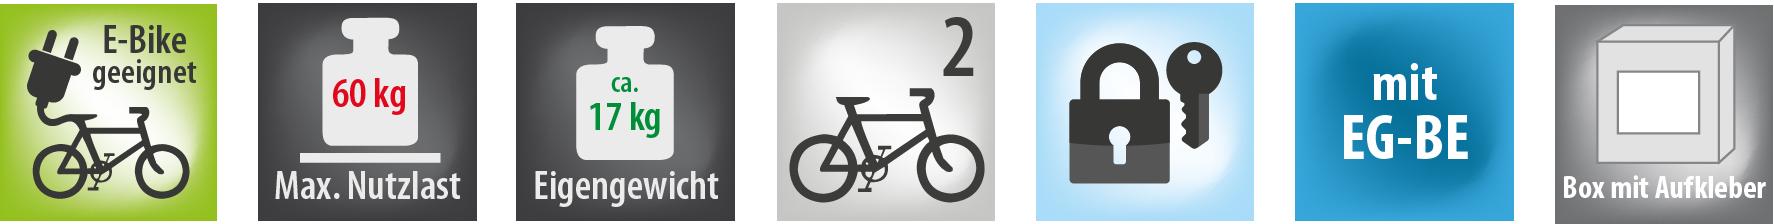 Fahrradtraeger PREMIUM TG